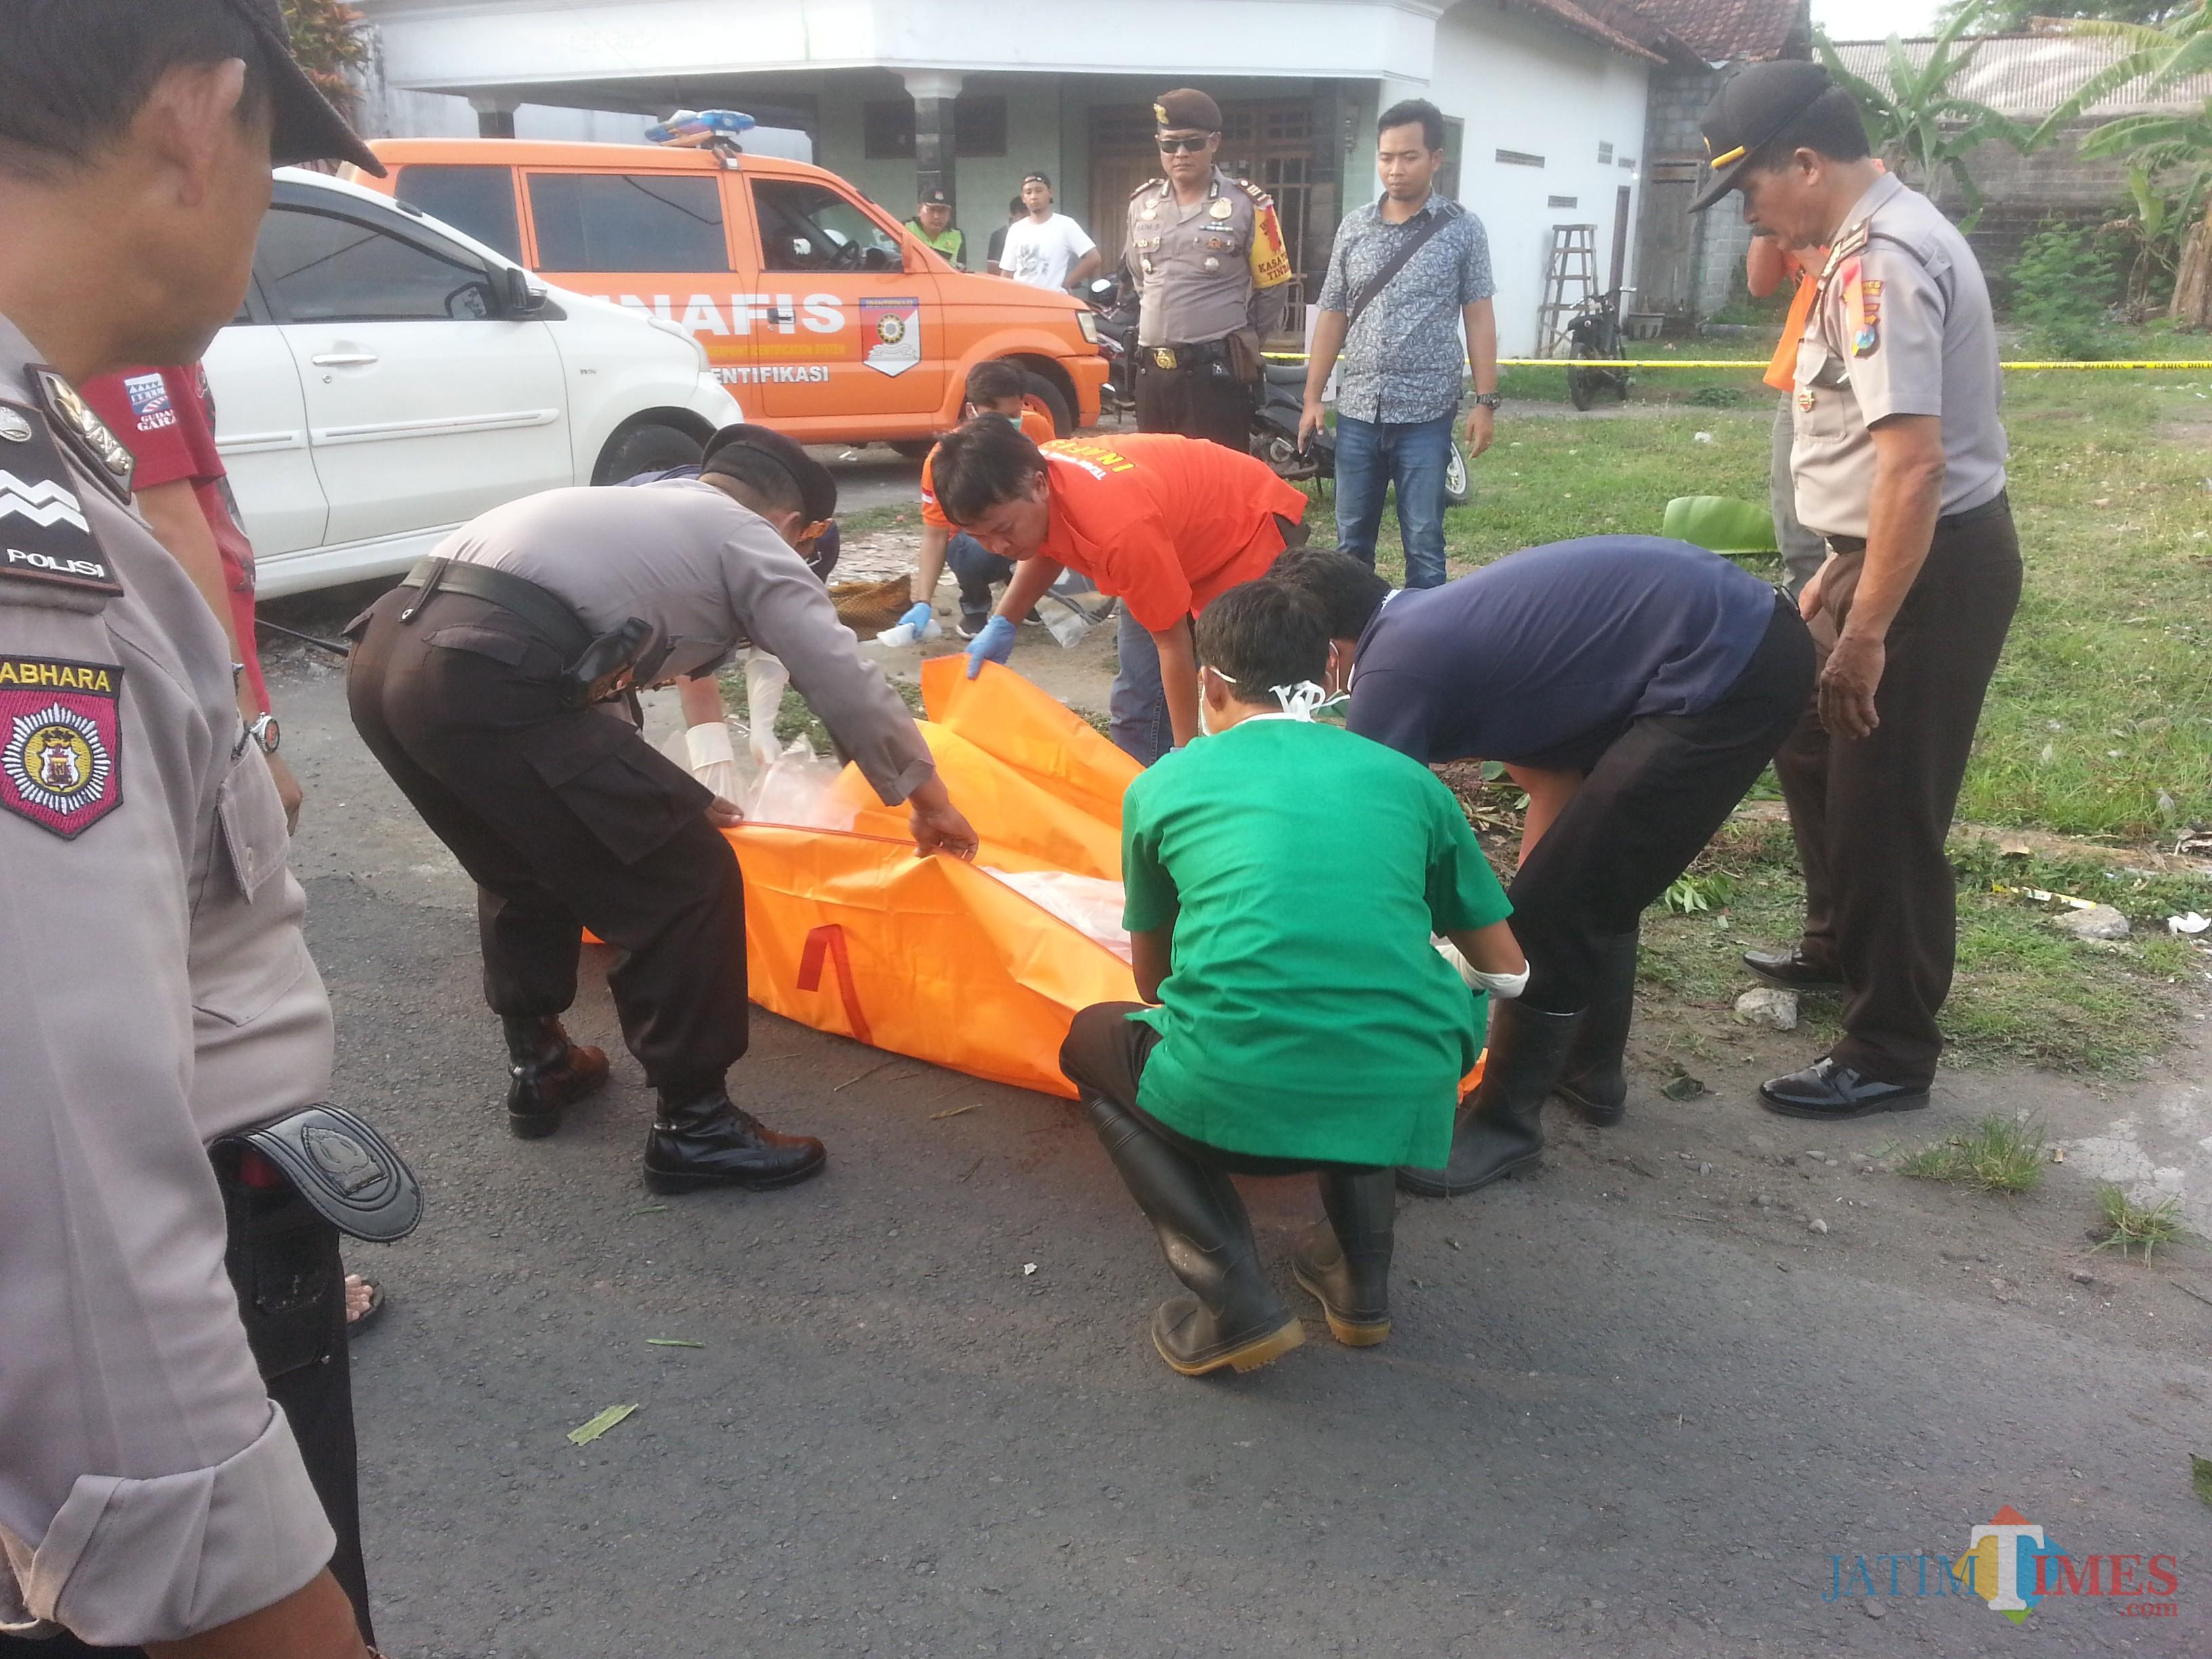 Mayat Barno bersimbah darah di pinggir jalan dengan kondisi luka di pundak dan leher saat dievakuasi.  foto : Joko Pramono/Jatimtimes)